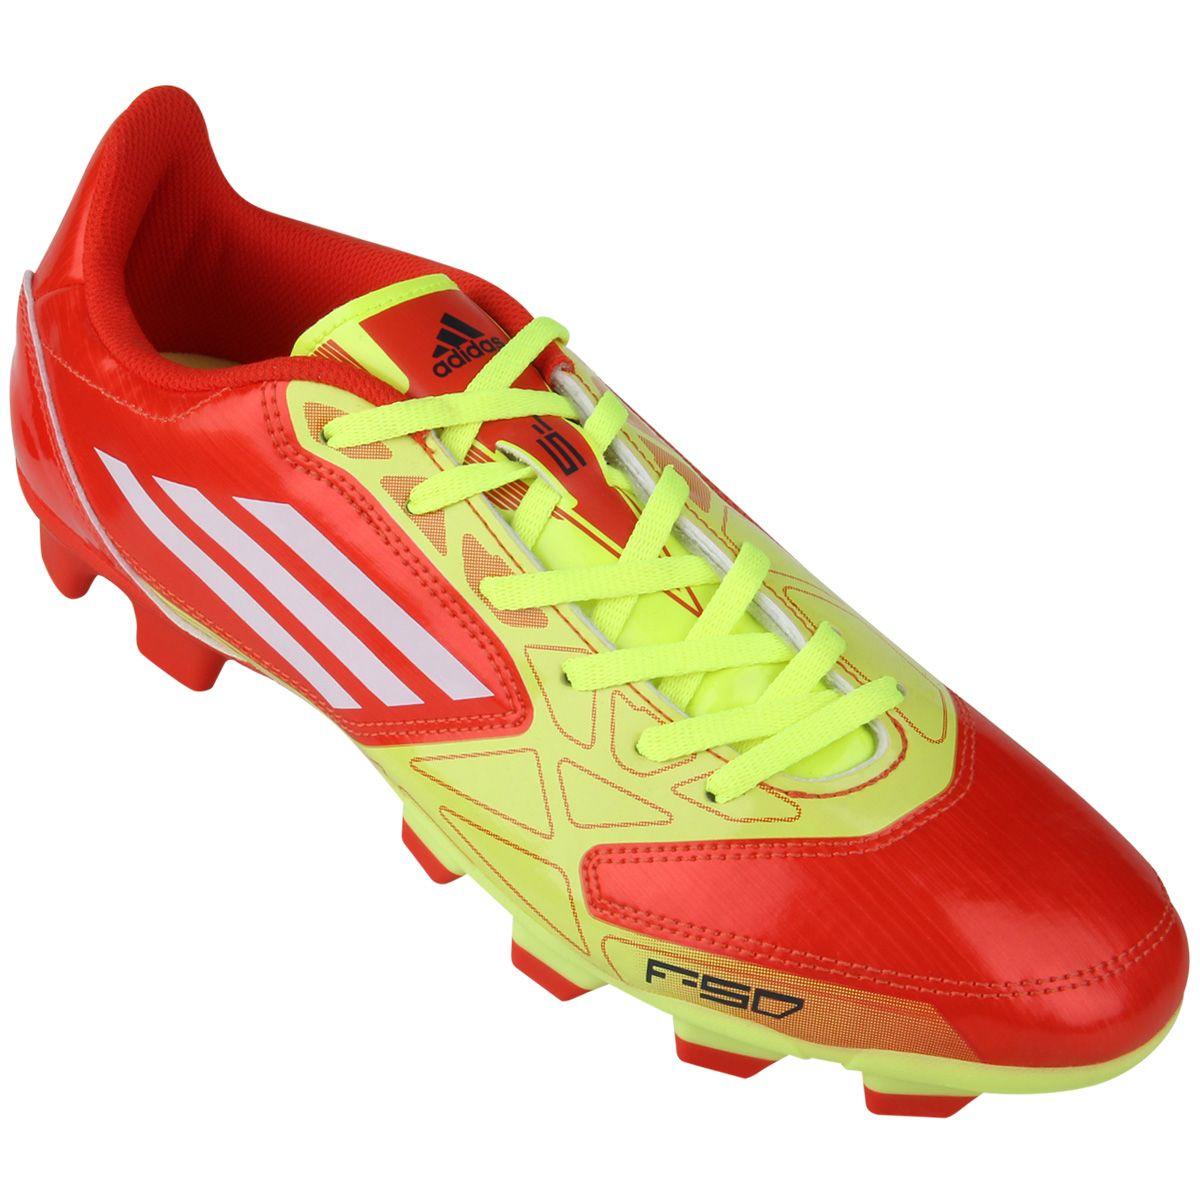 Botines Adidas F5 TRX FG - Netshoes  37981ad56919d